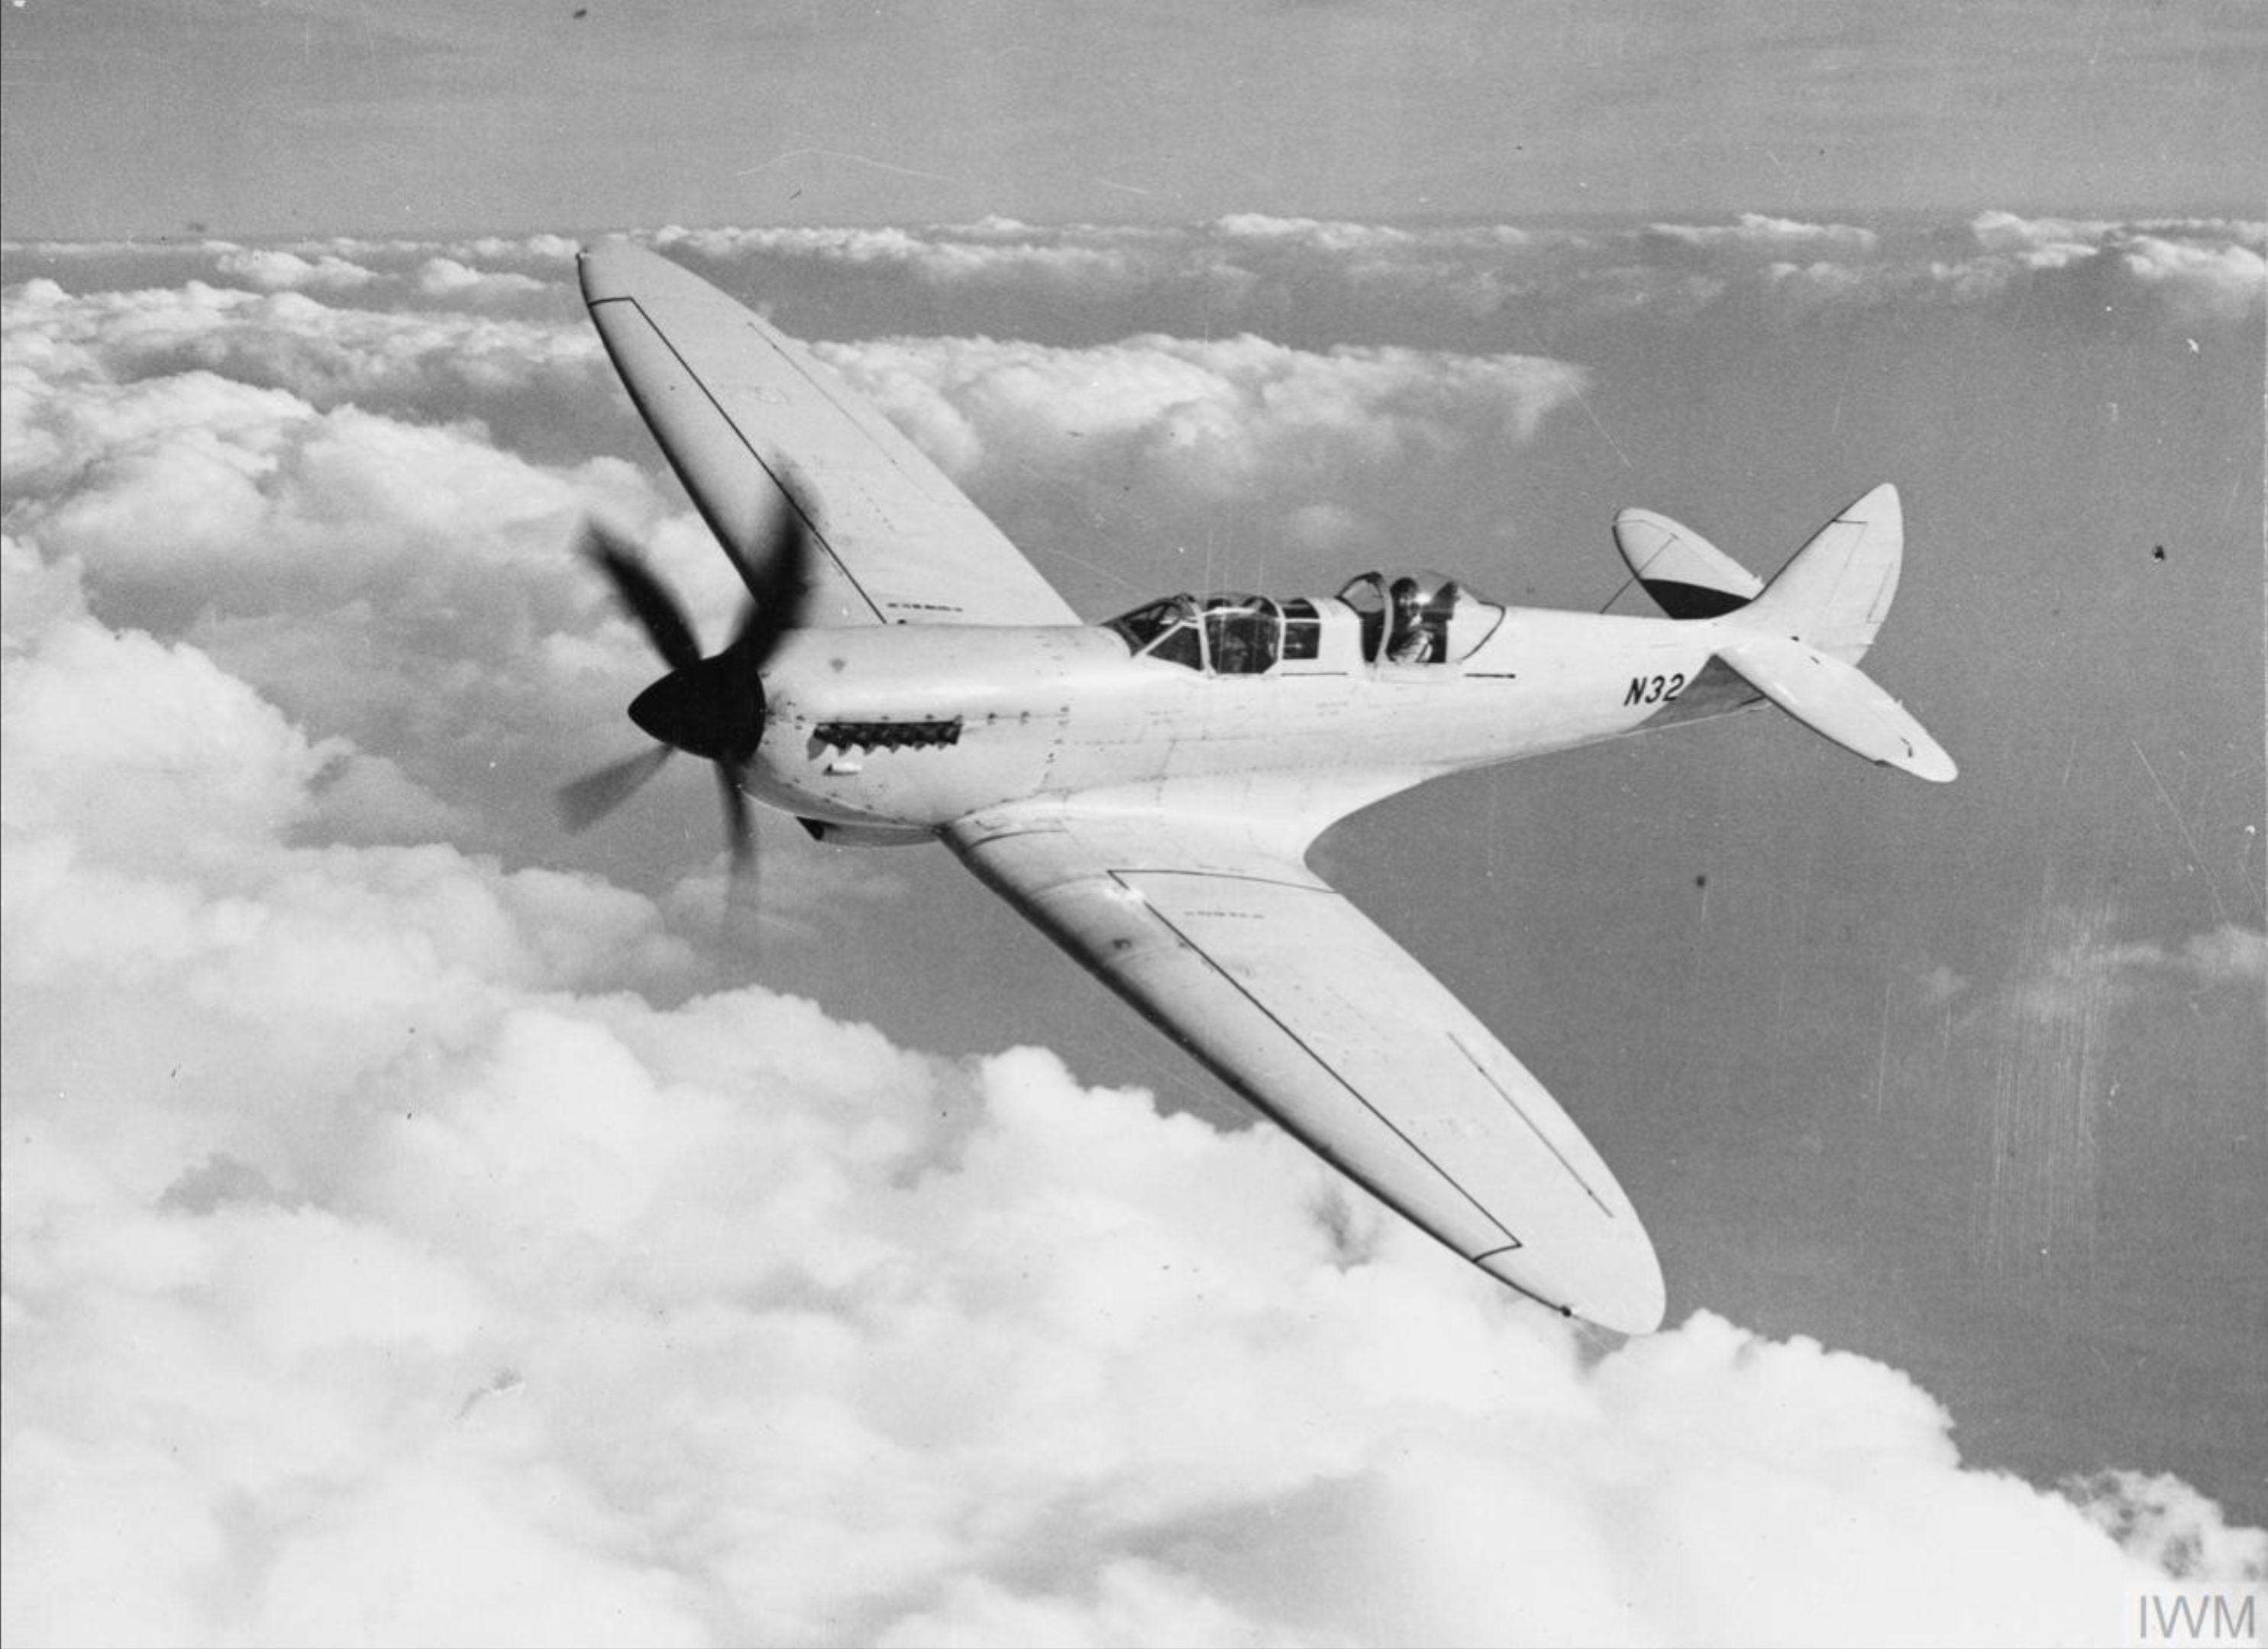 Spitfire T8 Prototype N32 in flight England IWM HU1674a